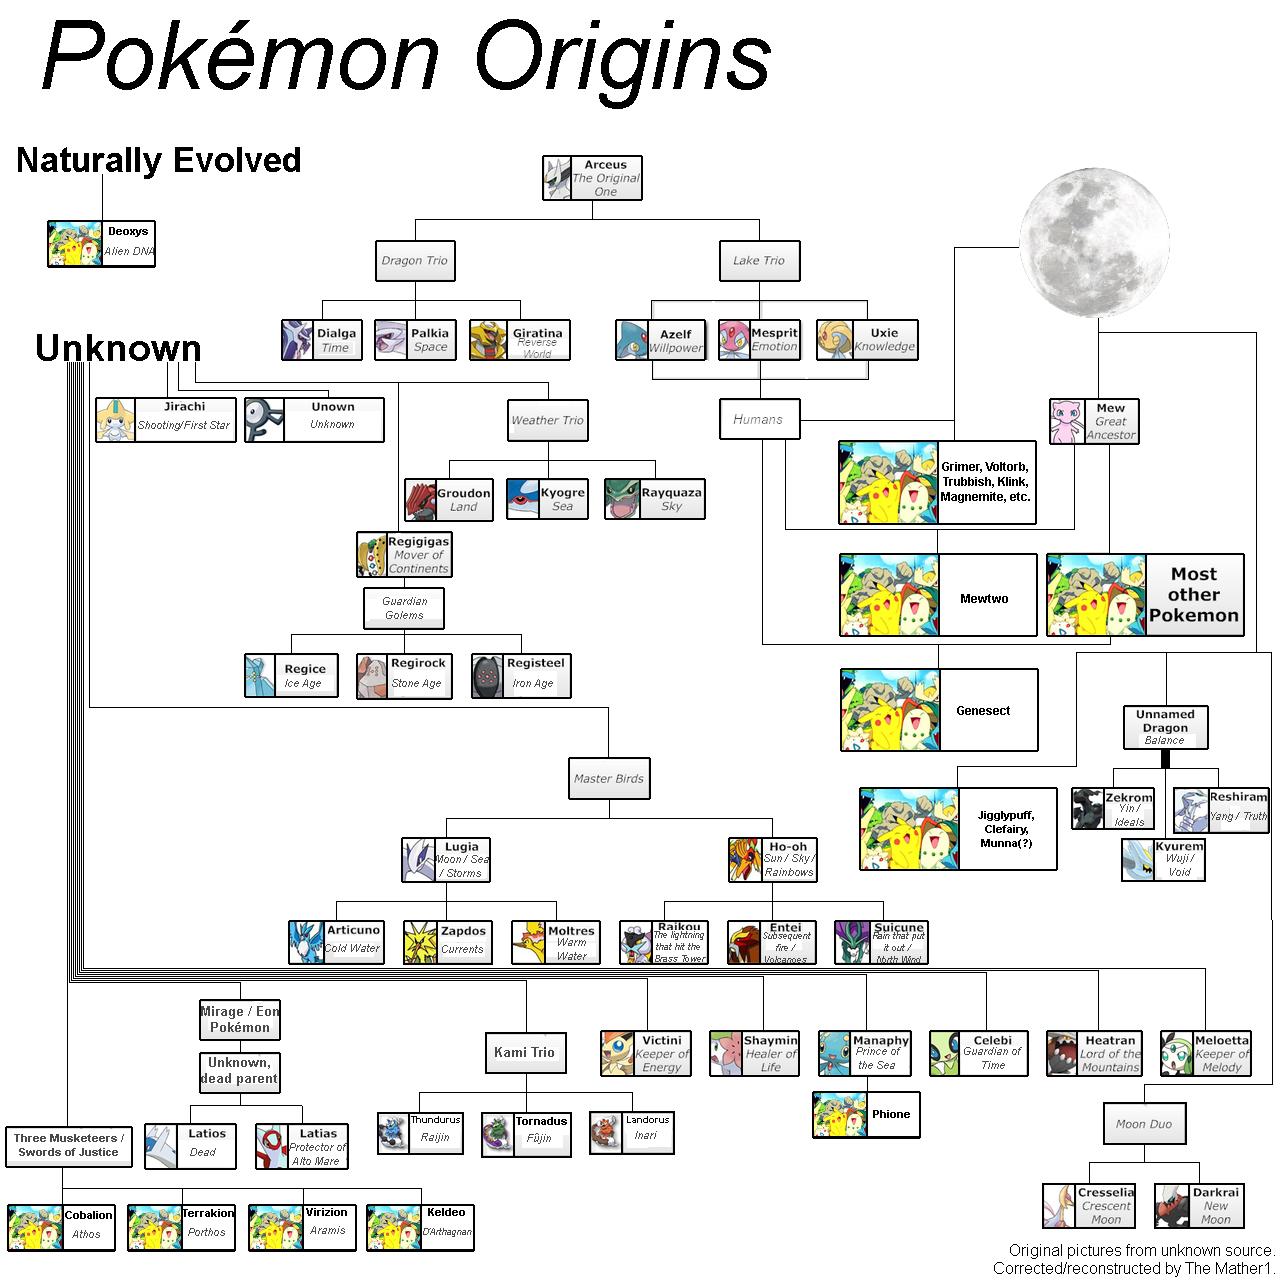 Poémon Origins. . Pokemon